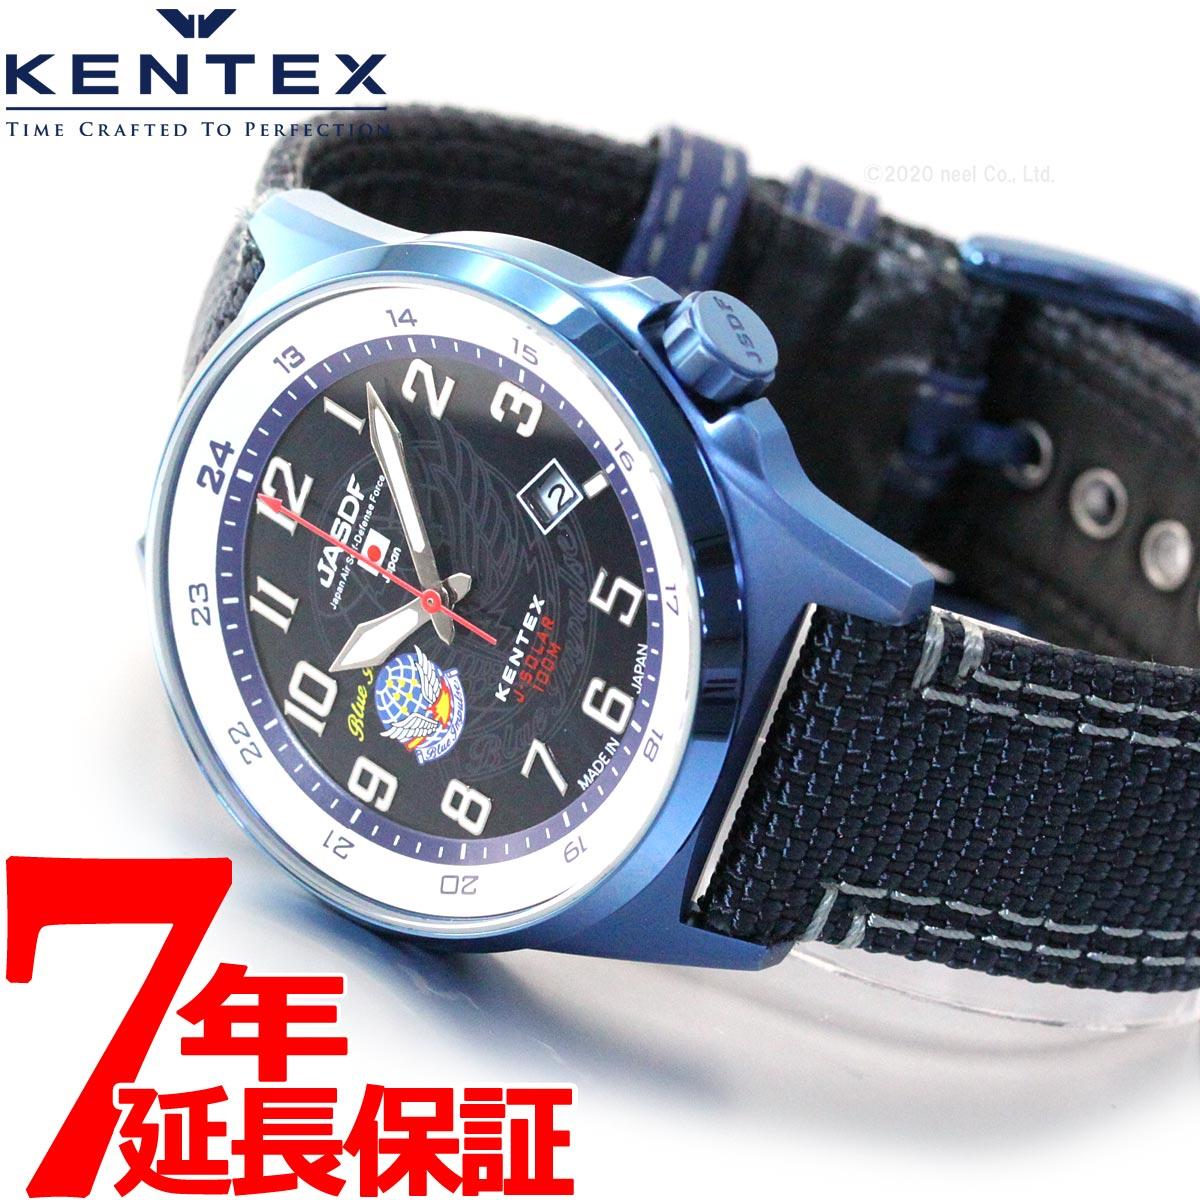 ケンテックス KENTEX JSDF 航空自衛隊モデル ブルーインパルス ソーラー 腕時計 メンズ S715M-07